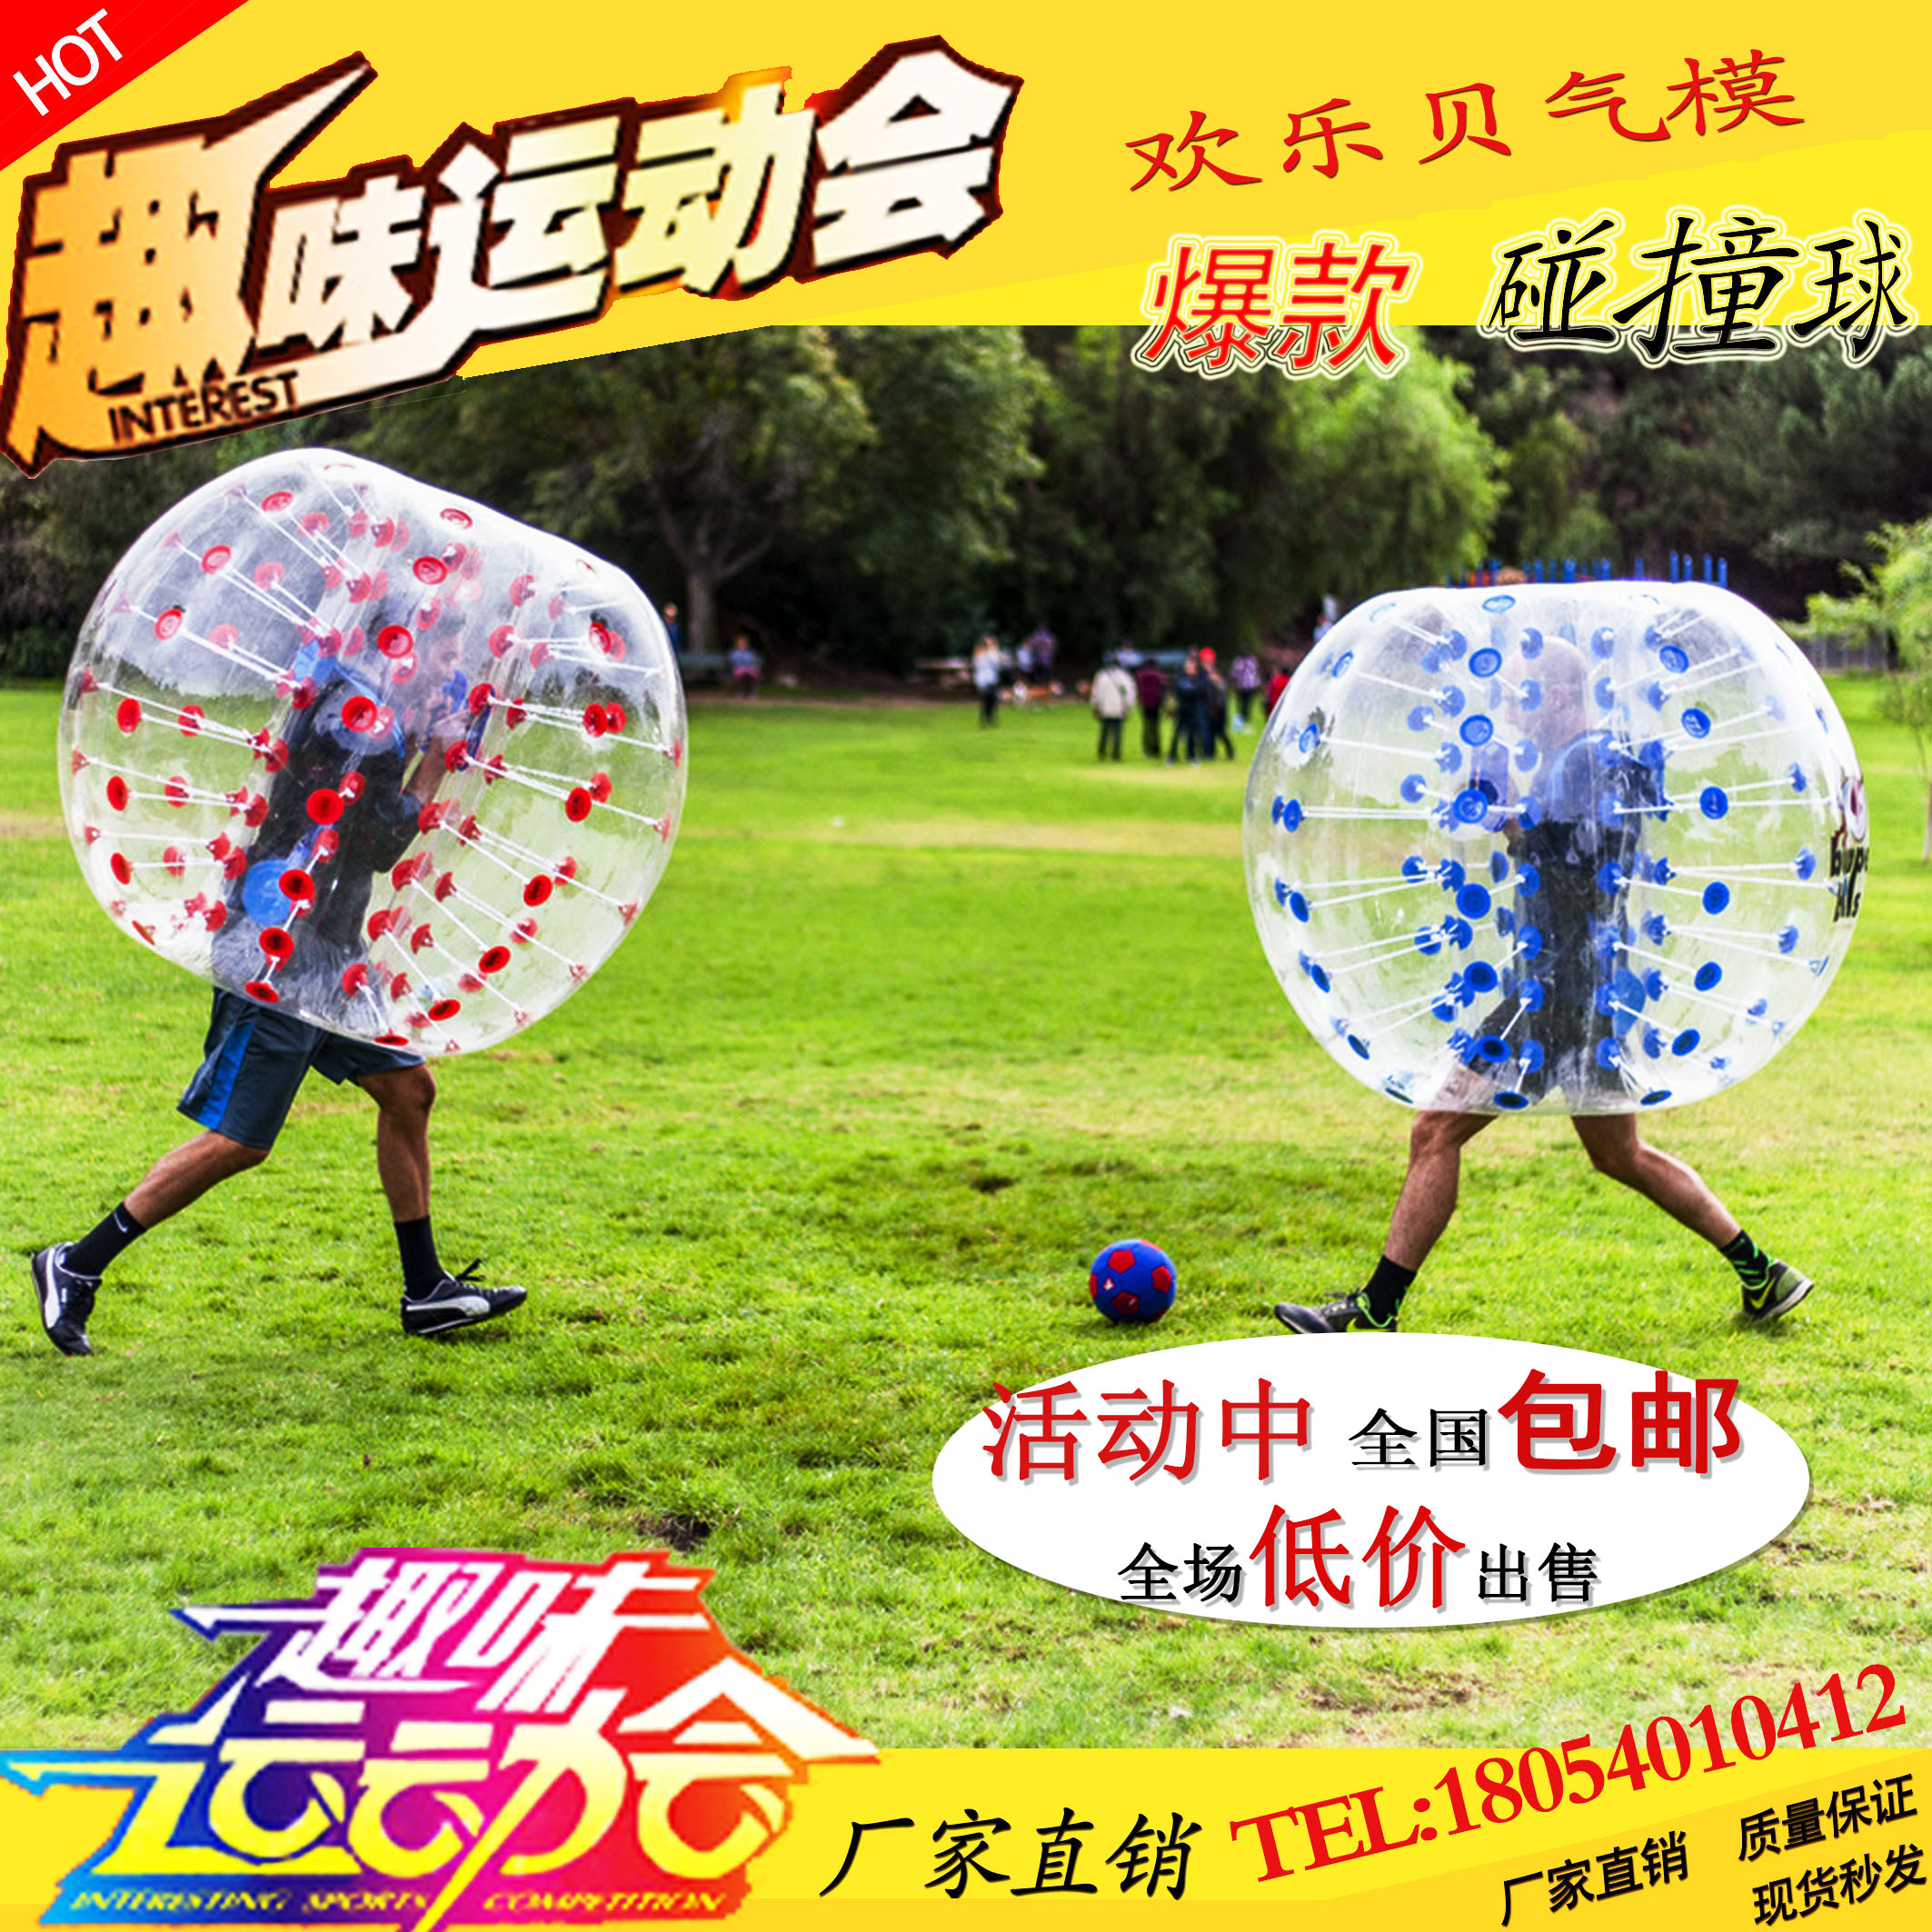 Интерес движение может реквизит газированный коснуться коснуться мяч коснуться хит мяч для взрослых на открытом воздухе водный гулять мяч ролик ребенок